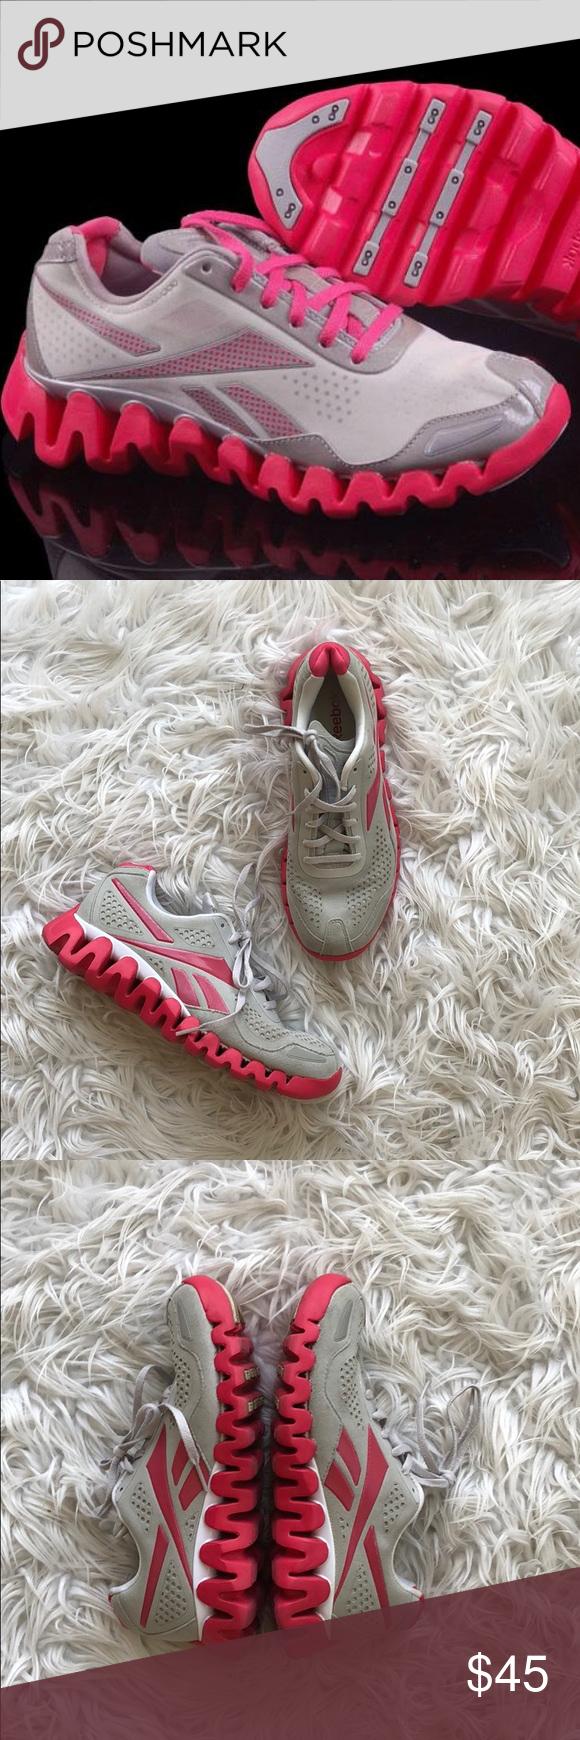 women's zigtech reebok shoes off 51